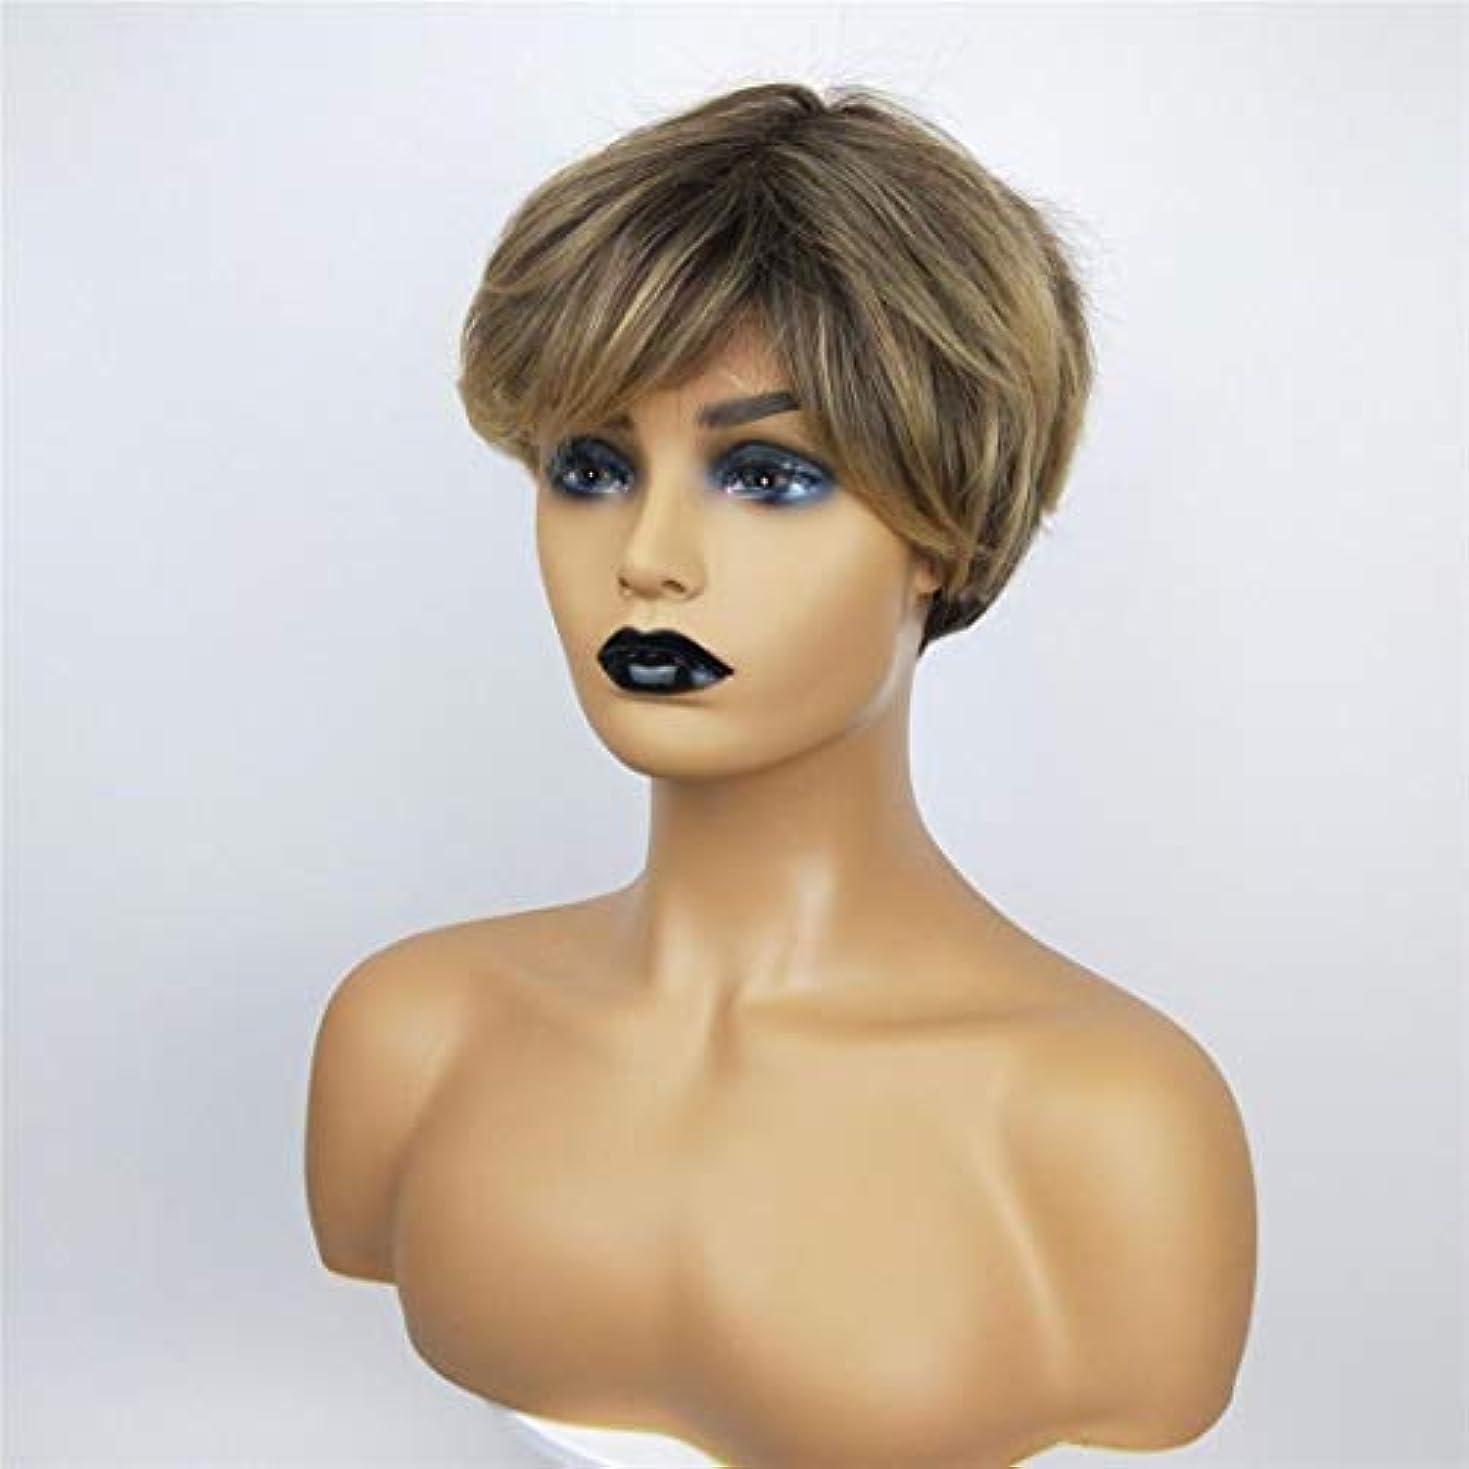 能力オプショナル効果的Kerwinner 女性のための短い巻き毛のかつら高温シルクケミカルファイバーウィッグヘッドギア